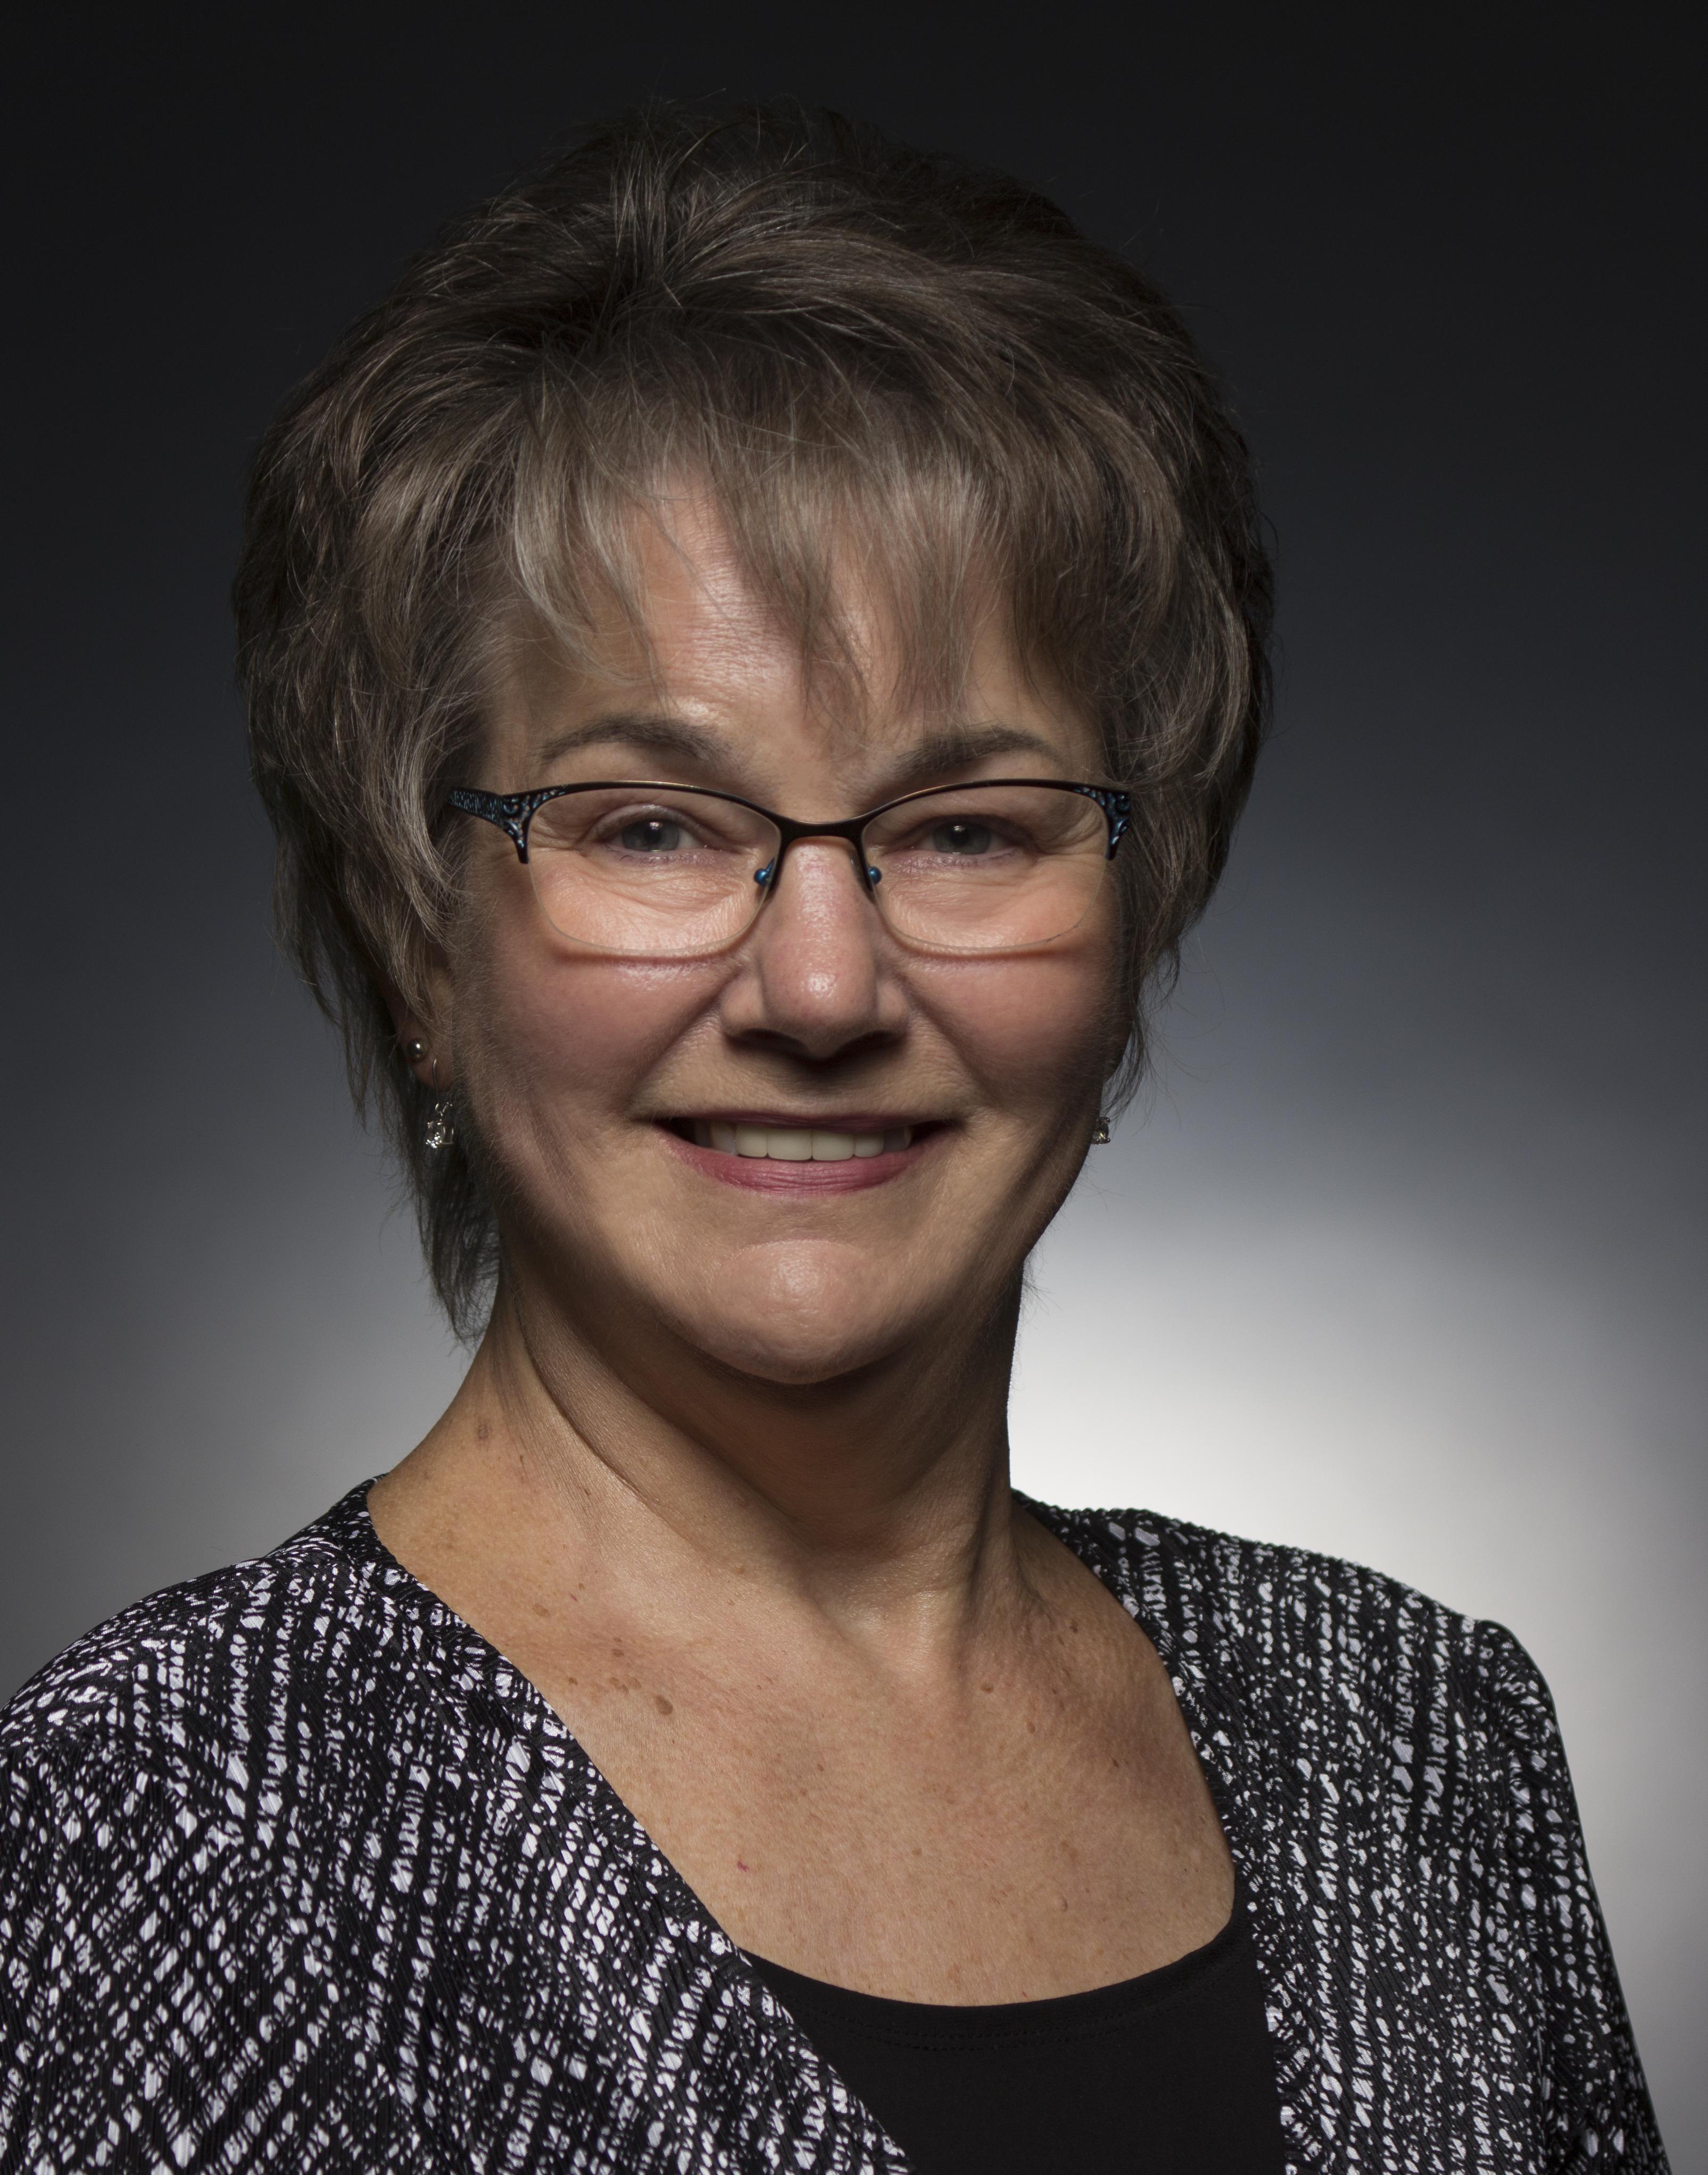 Kathy Bentley - Accts. Payable